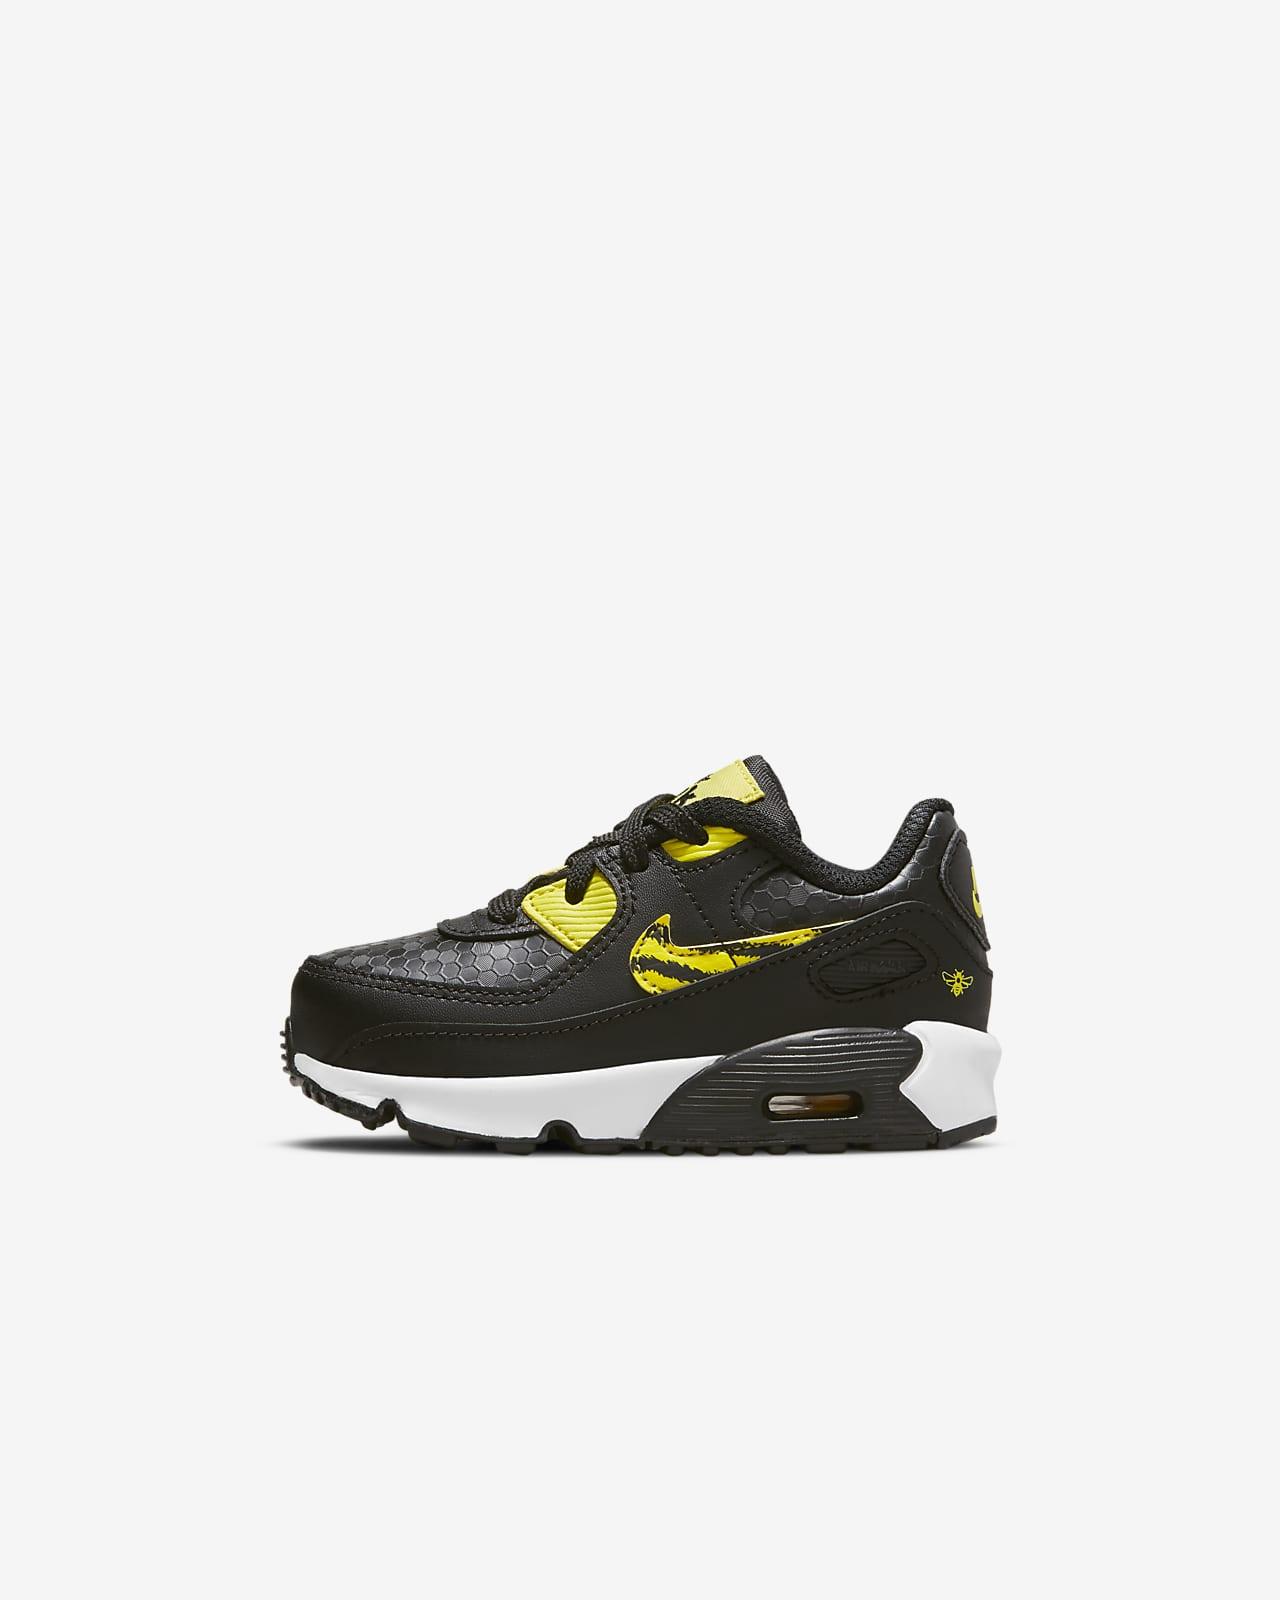 Nike Air Max 90 SE «Little Bugs» sko til sped-/småbarn